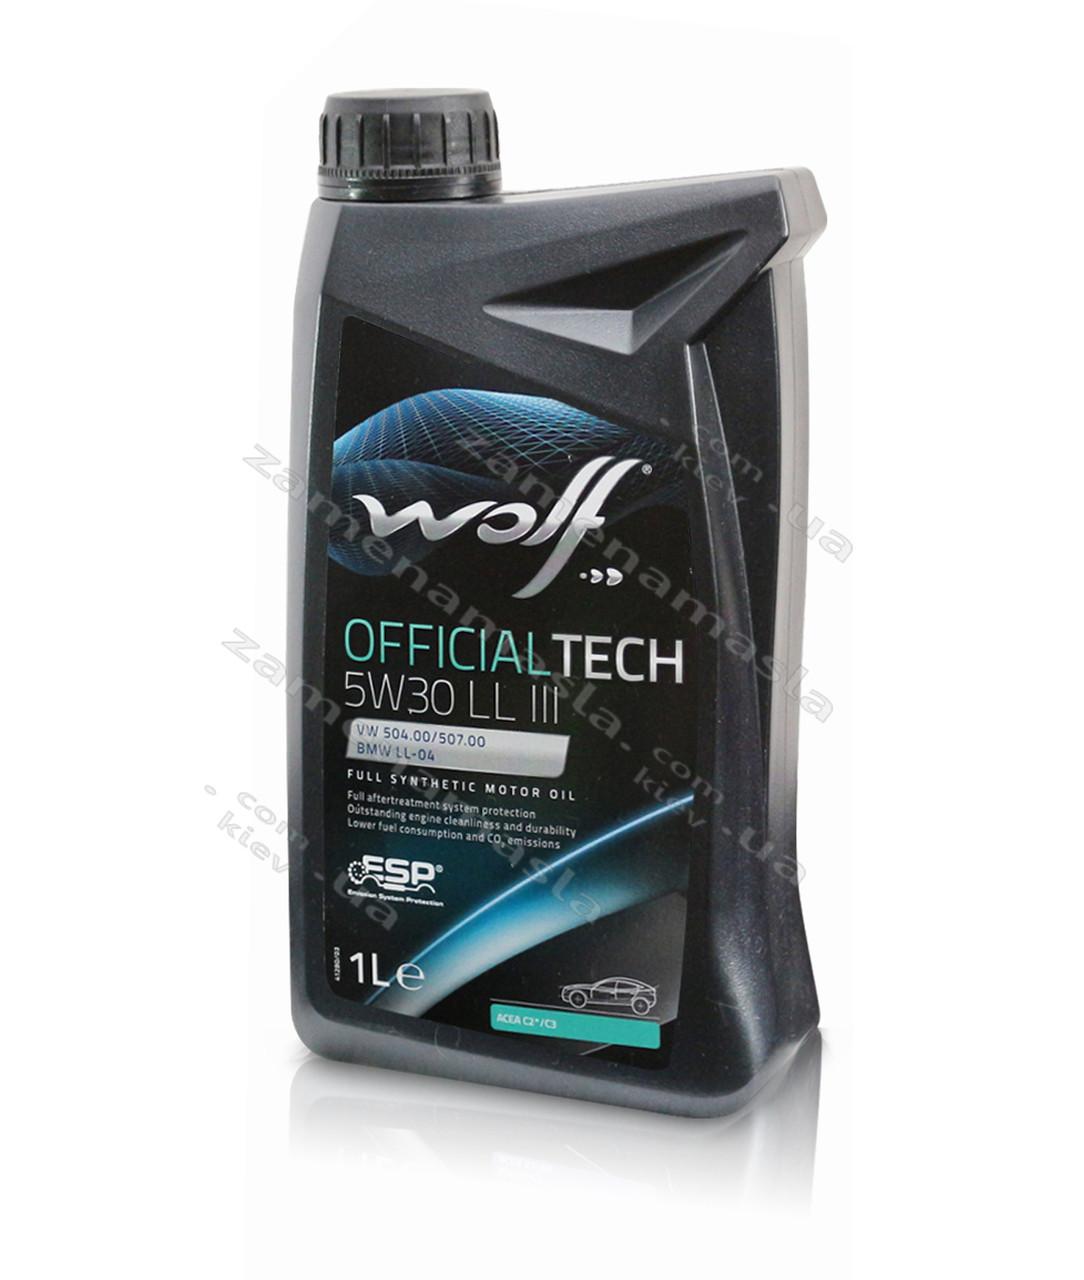 Wolf OFFICIALTECH 5W30 LL III 1л - моторное масло